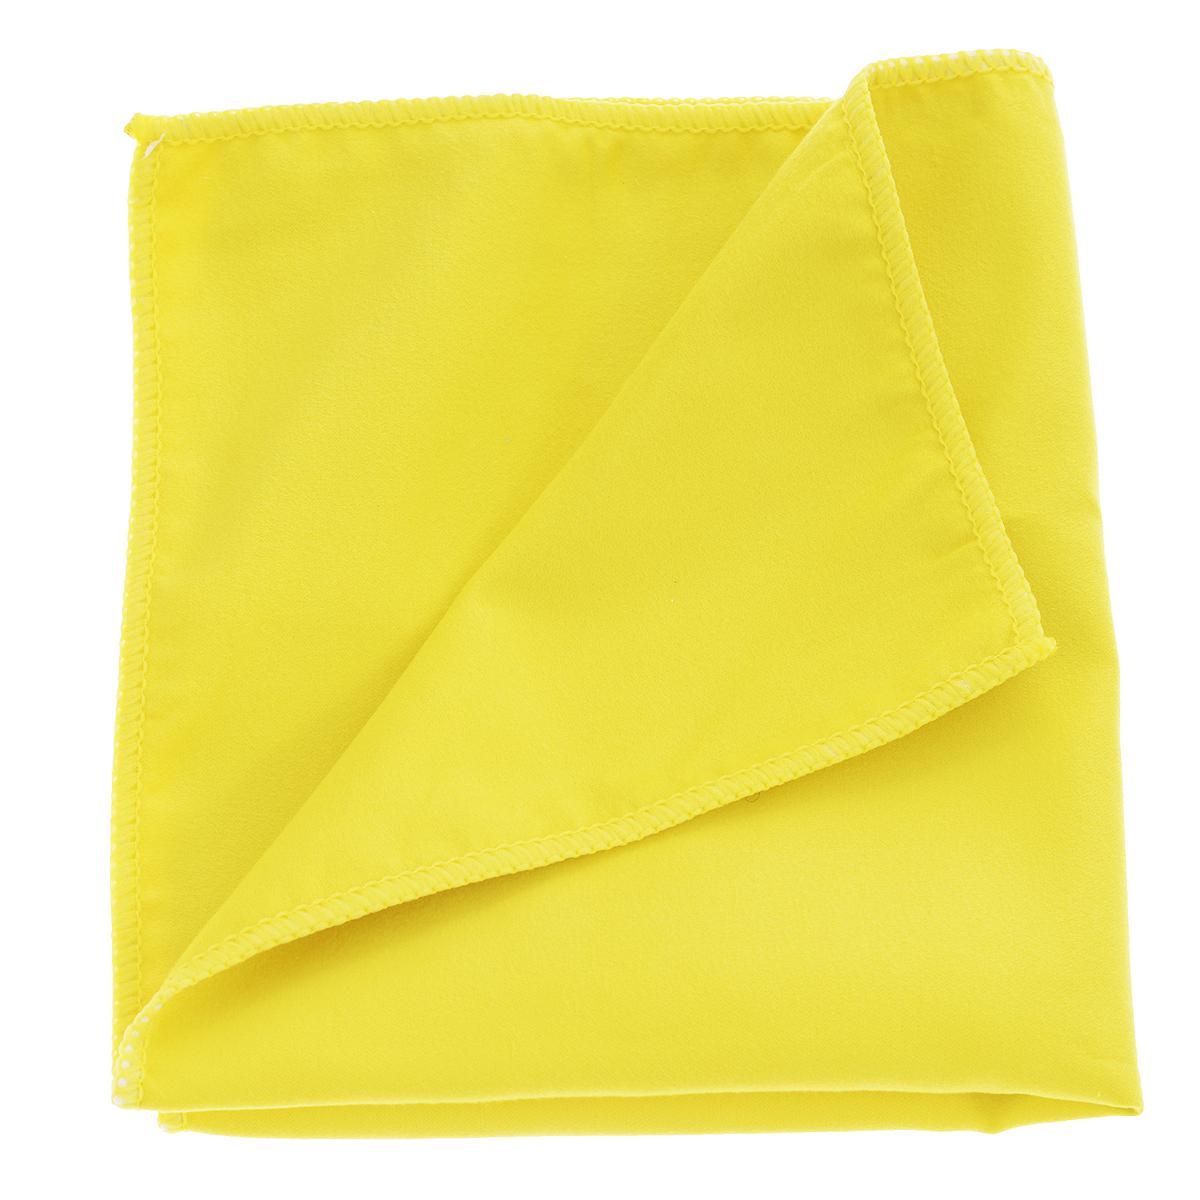 Салфетка из микрофибры Magic Power, для ухода за плазмой, LCD и TFT экранами, цвет: желтый, 35 х 40 смMP-504_желтыйСалфетка Magic Power, изготовленная из микрофибры (75% полиэстера, 25% полиамида), предназначена для ухода за плазменными, LCD и TFT-экранами, для очистки и антистатической обработки мониторов и экранов телевизоров, жидкокристаллических дисплеев, защитных фильтров, стеклянных деталей копировальных аппаратов и сканеров, оптических приборов. Полностью собирает пыль и снимает статическое электричество. Быстро и легко удаляет загрязнения, не оставляет разводов и ворсинок, обладает повышенной прочностью.